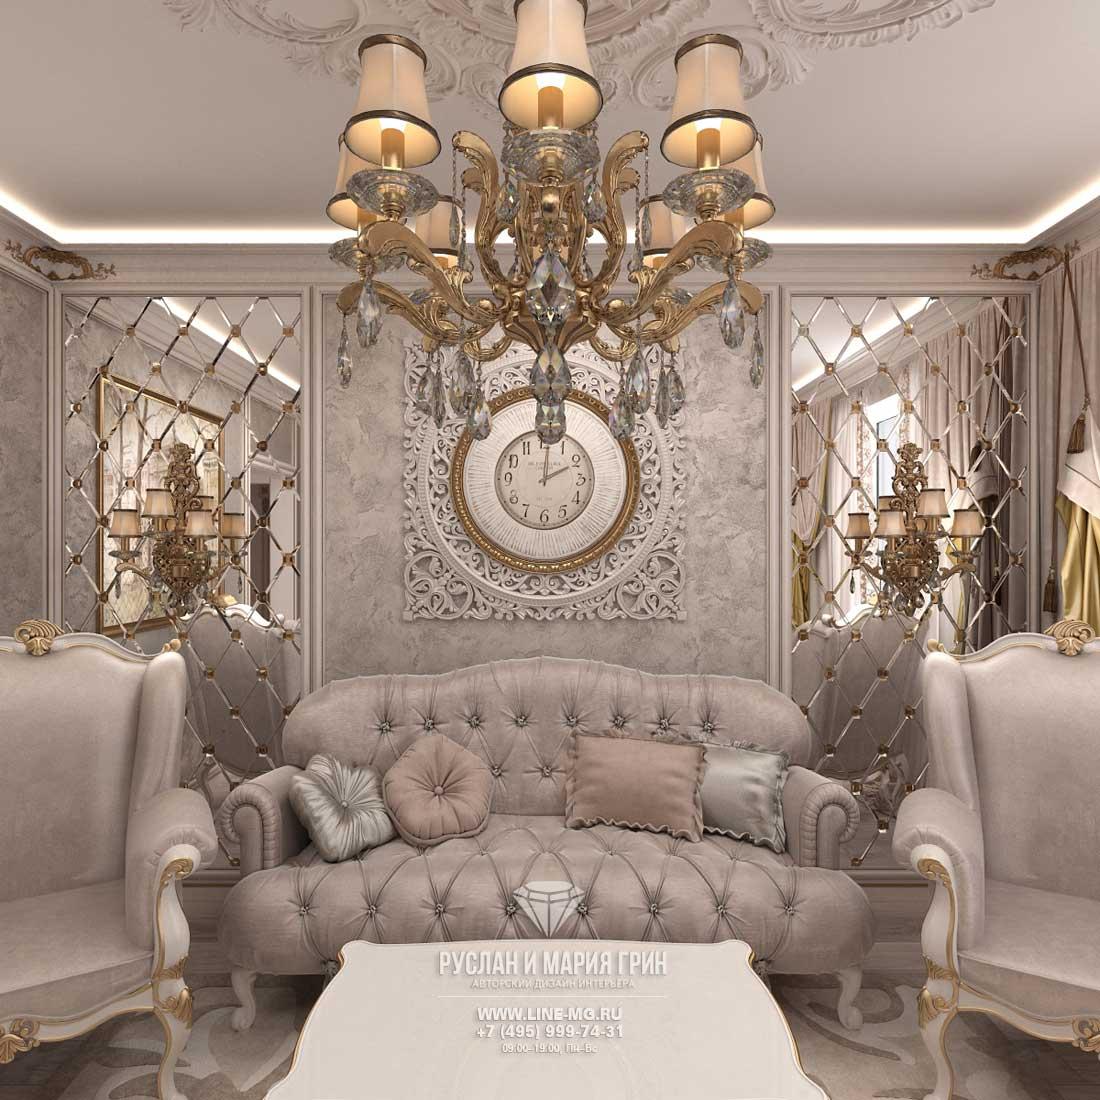 Дизайн интерьера гостиной фото 2016